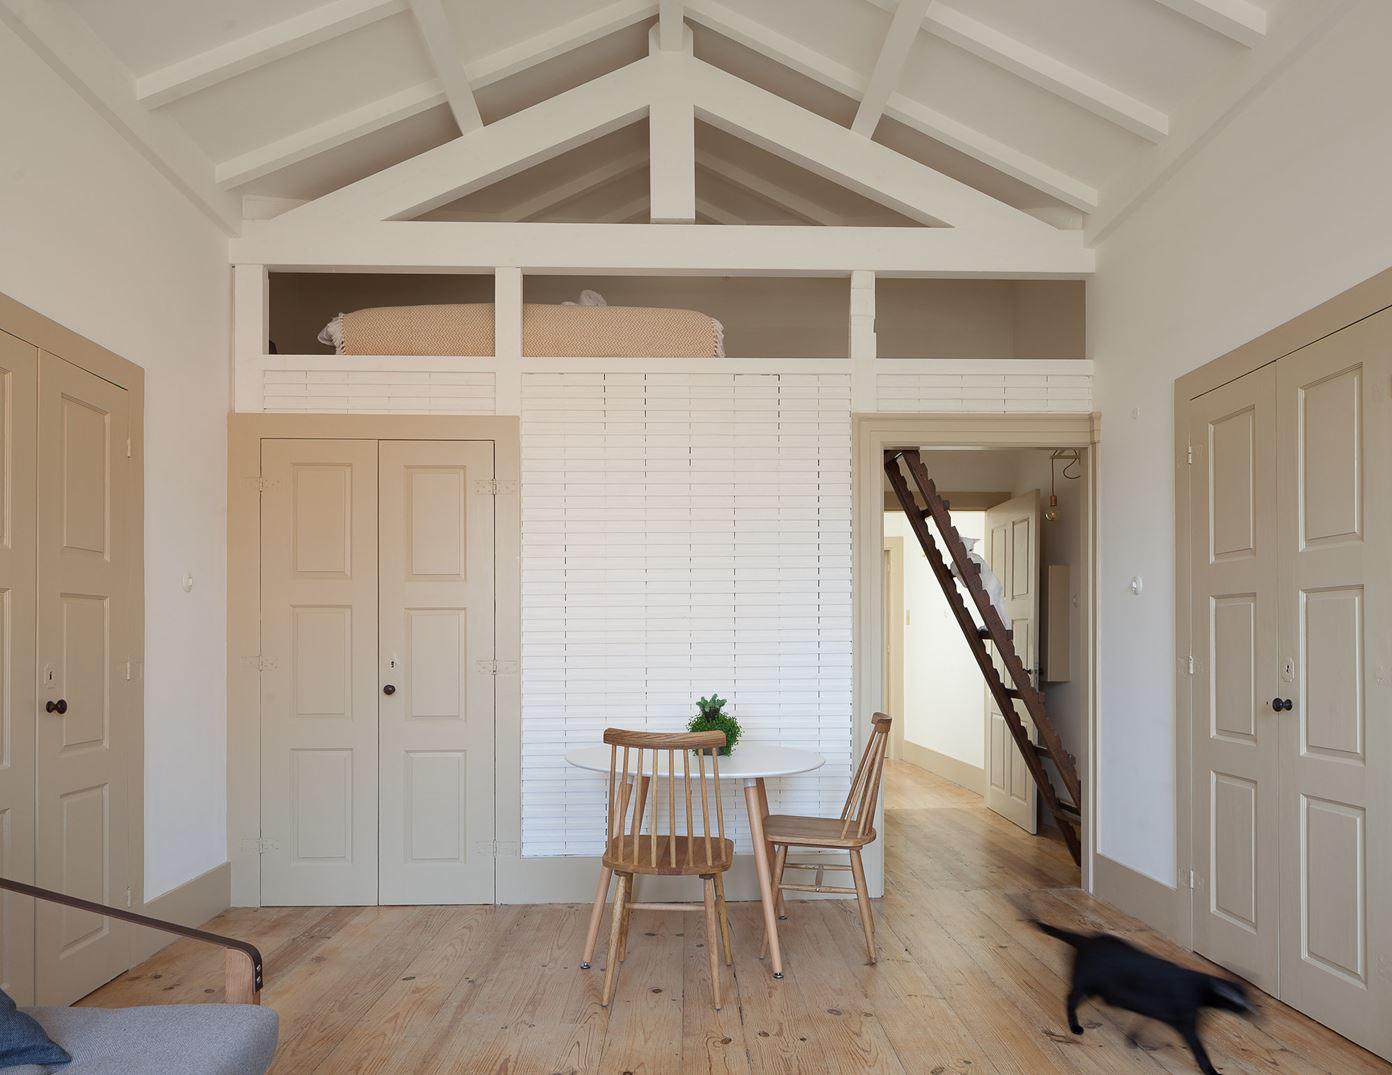 come fare solaio in legno in una piccola stanza : Il soppalco ? diventato una stanza da letto, piccola ma confortevole.